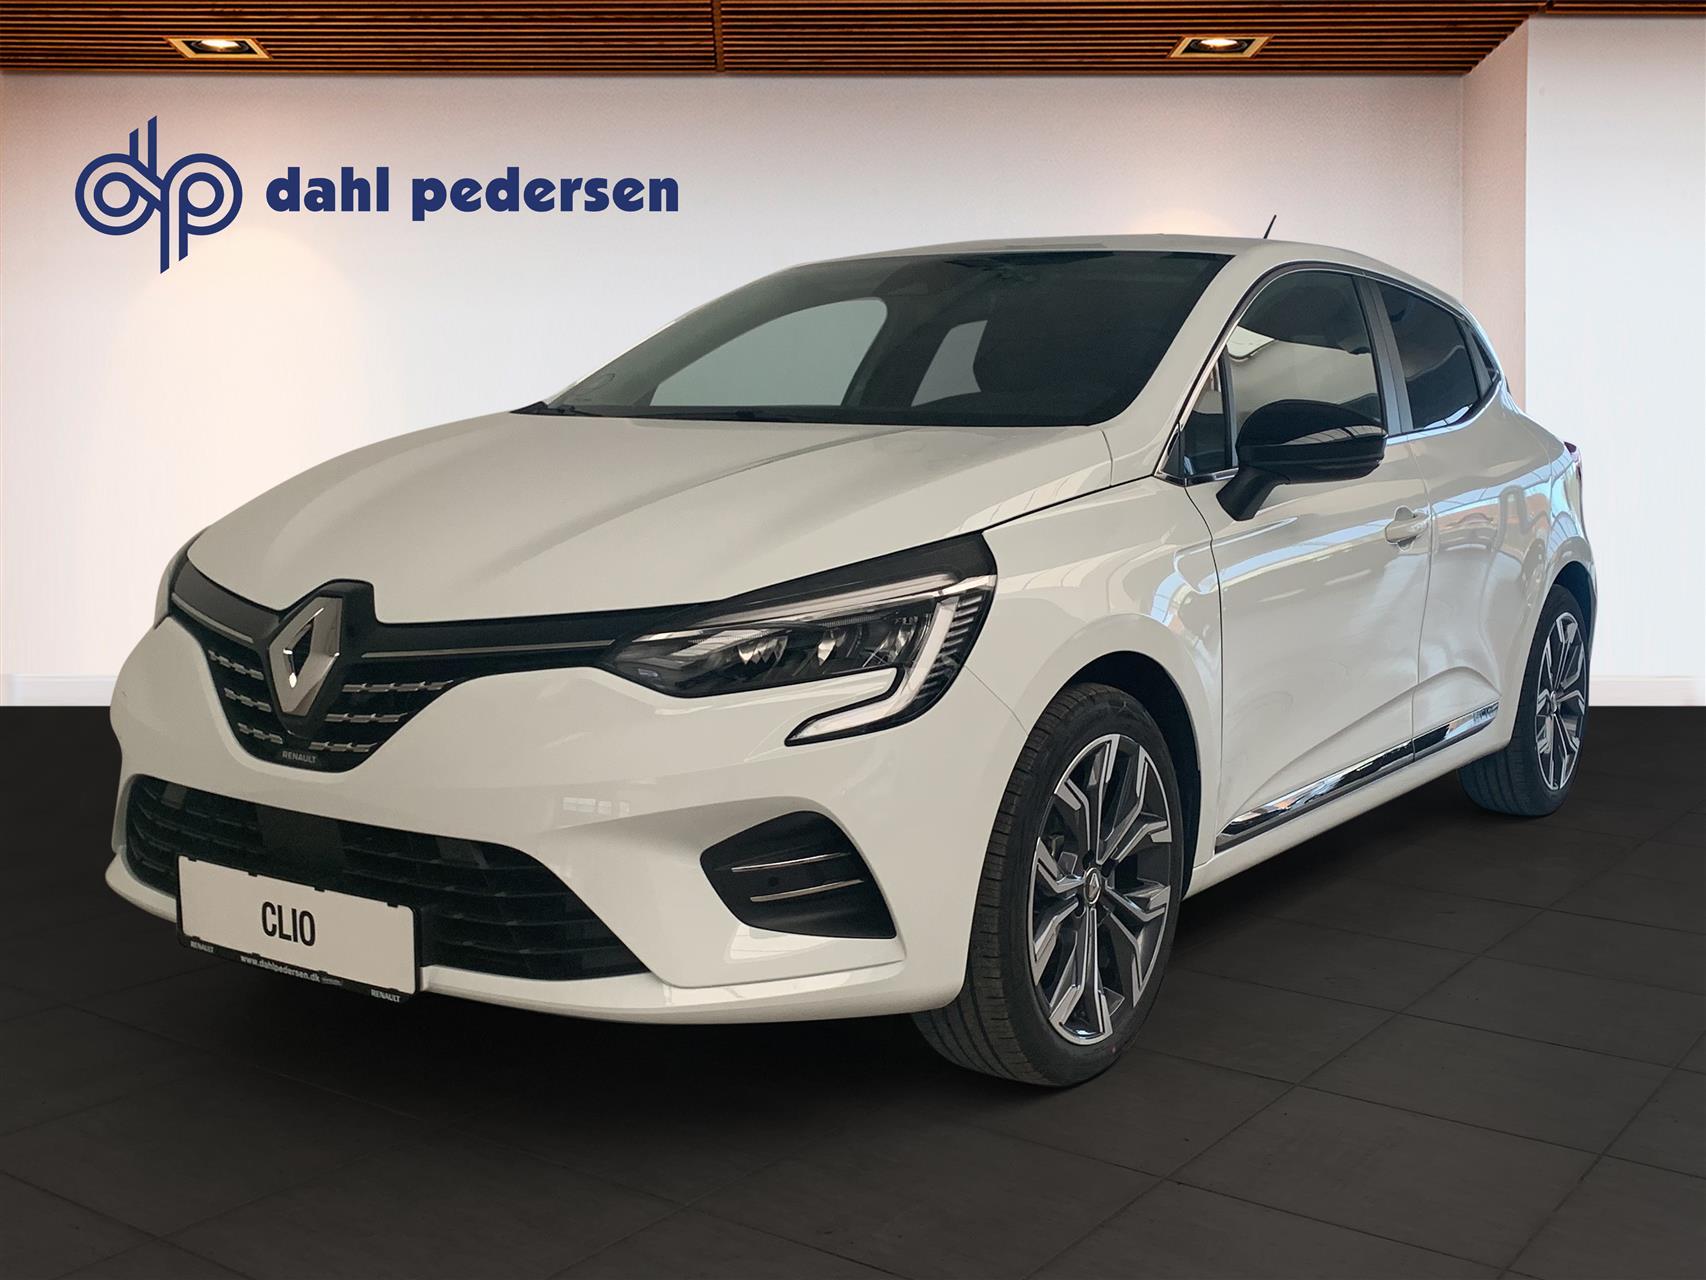 Billede af Renault Clio 1,5 DCI Intens 115HK 5d 6g